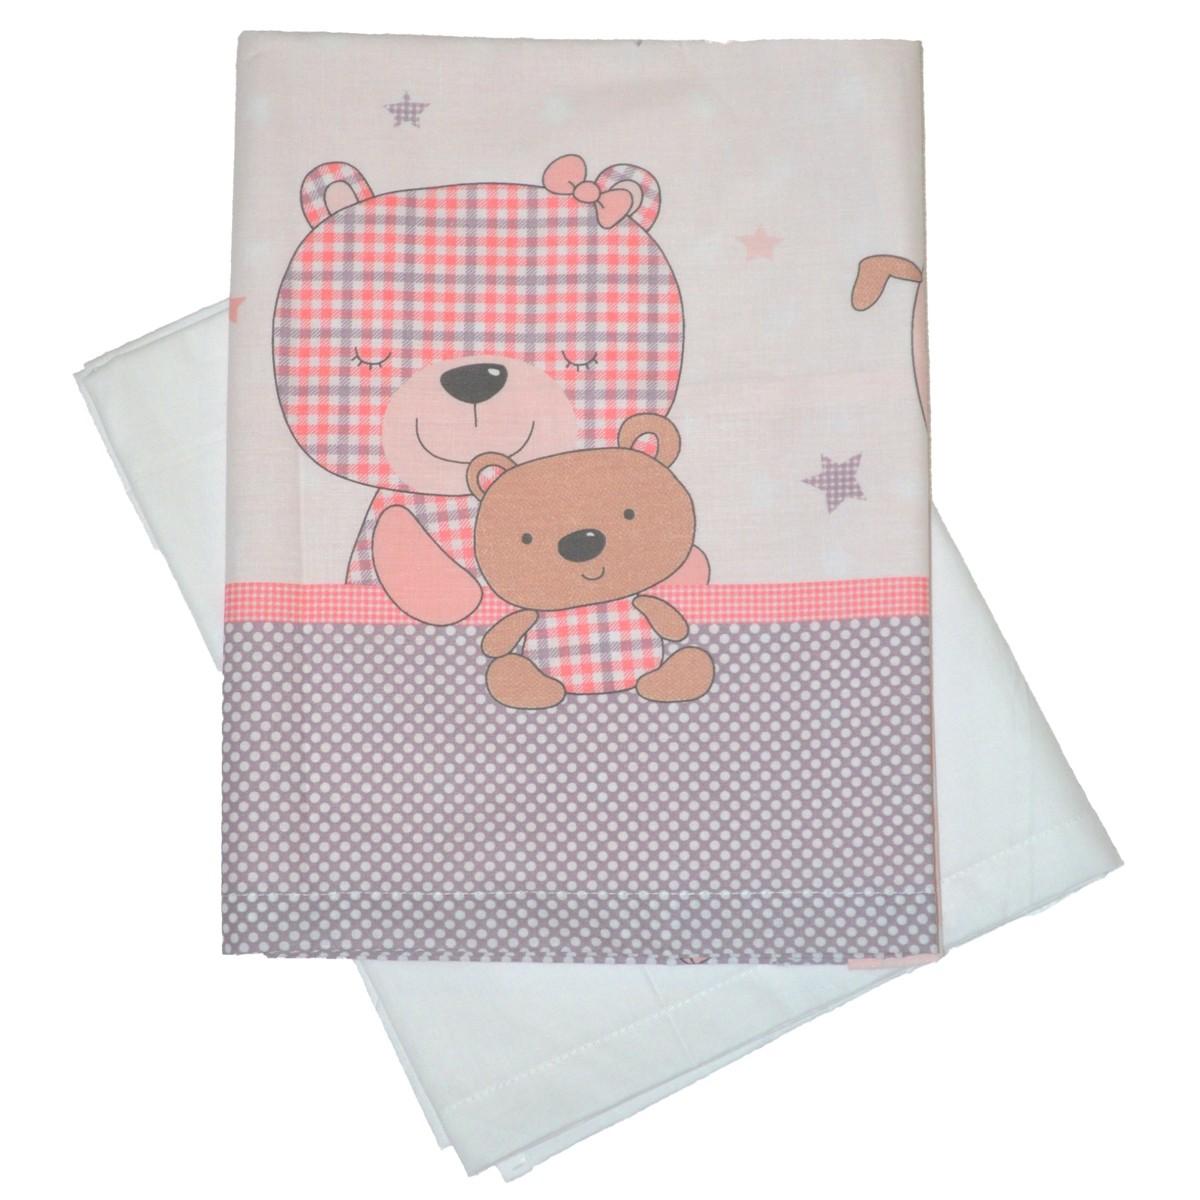 Σεντόνια Λίκνου (Σετ) Κόσμος Του Μωρού 0231 Stars Ροζ